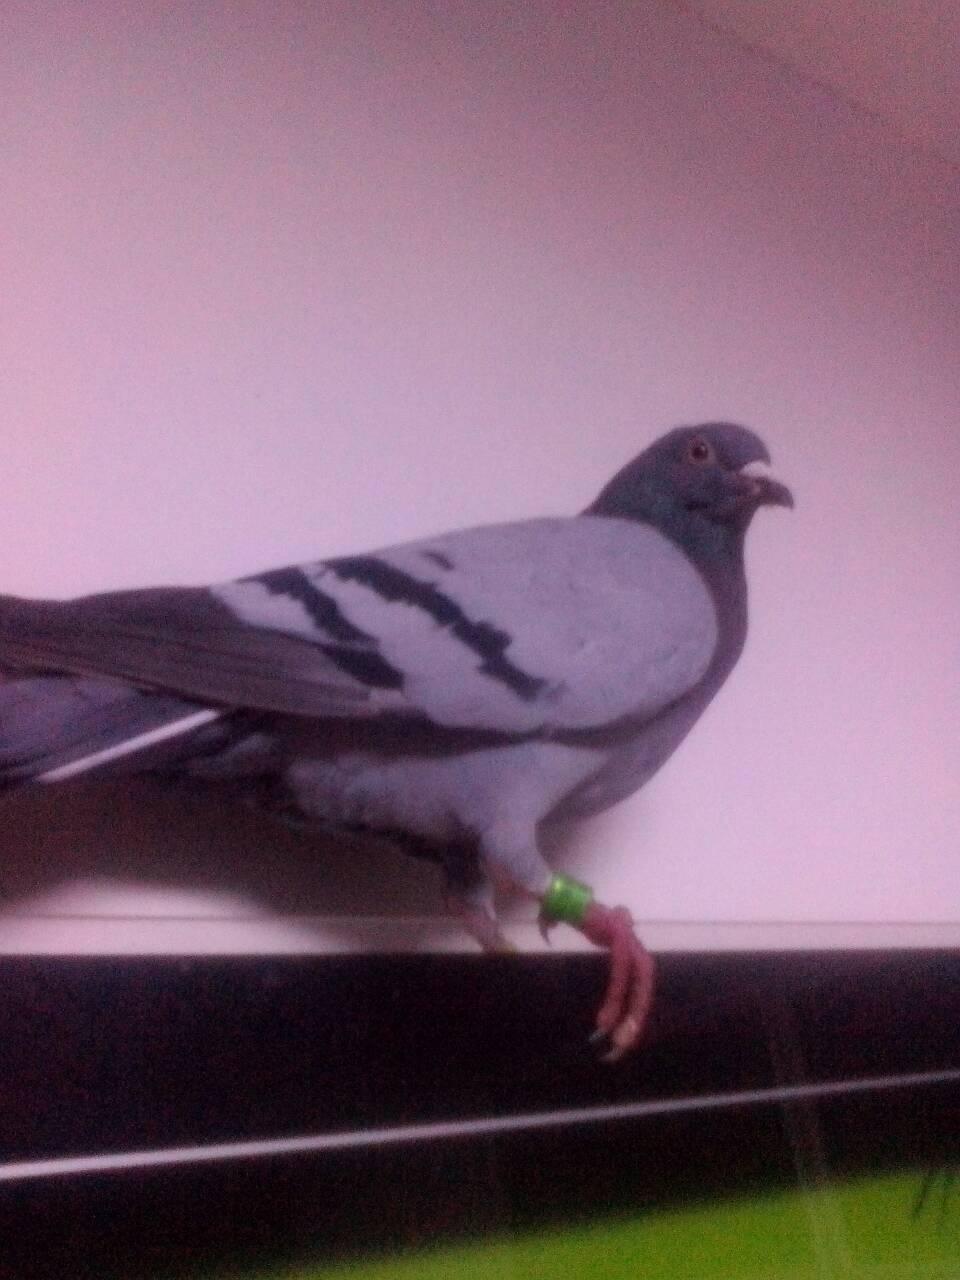 刚刚抓的一只鸽子高手上翅膀,脚环是chn2011-22-1190849请养鸽印章给蜗牛分不分雄雌图片